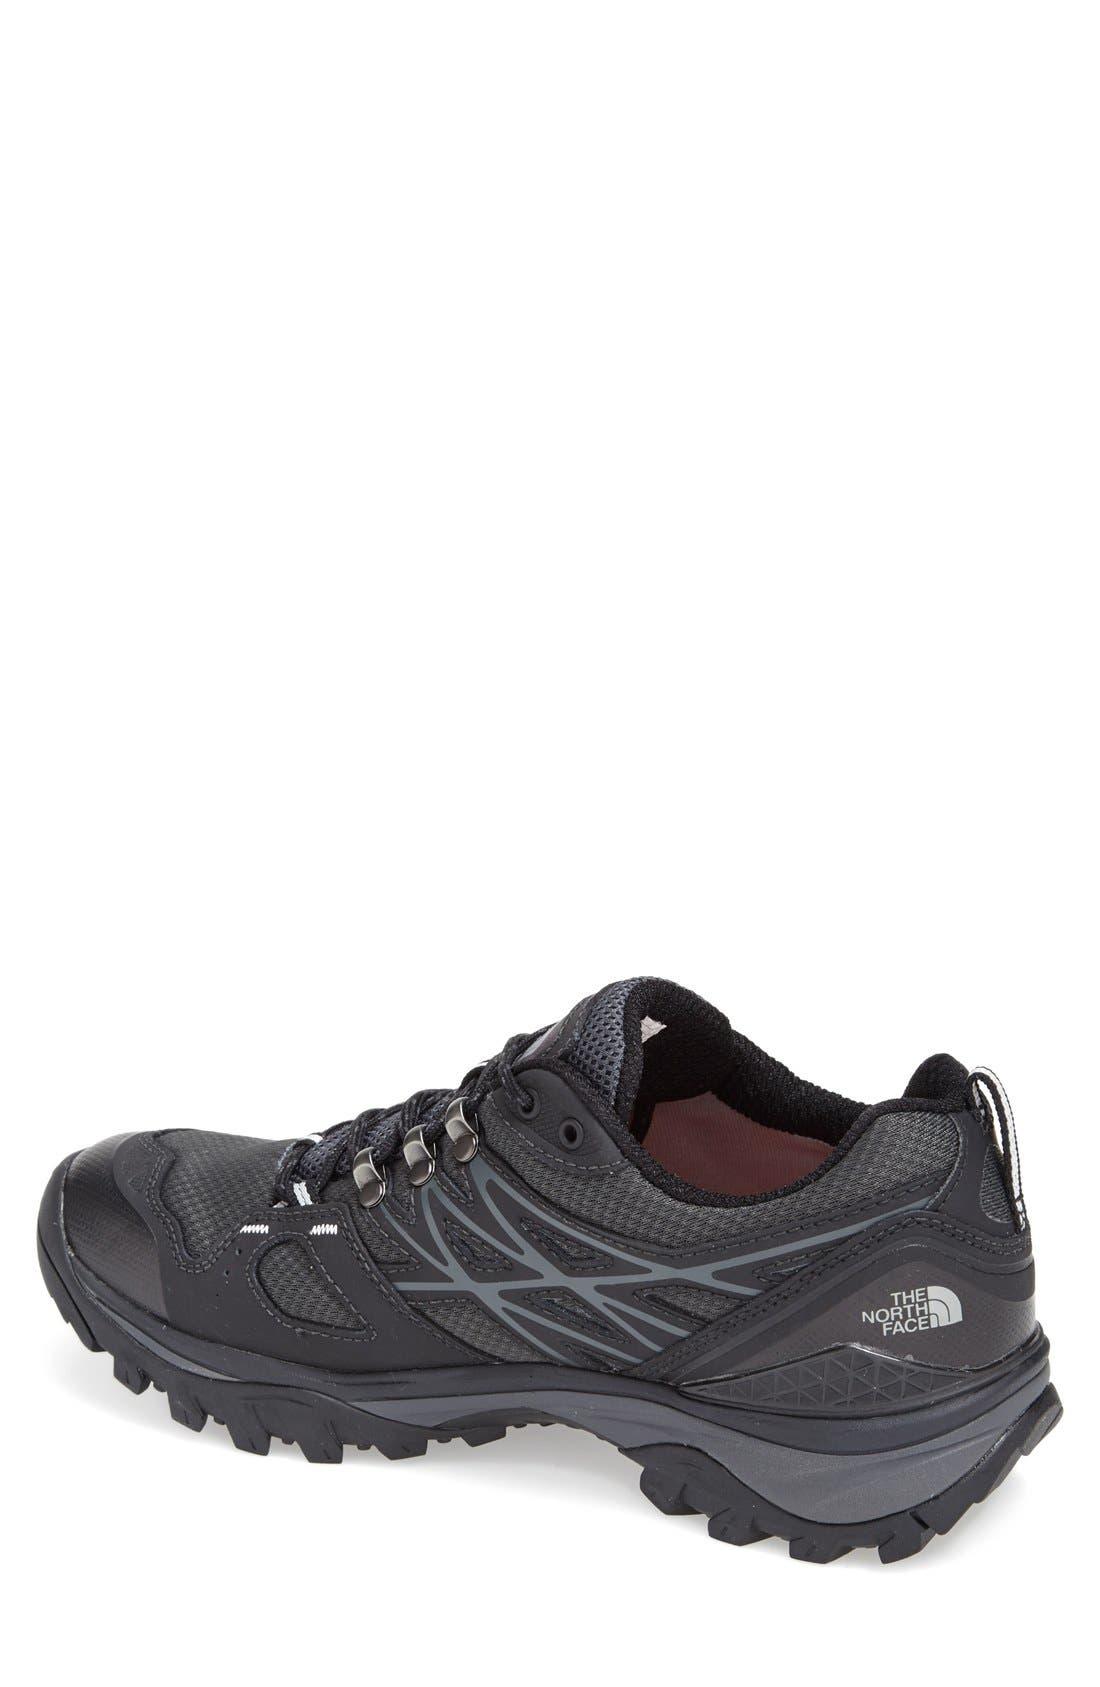 'Hedgehog Fastpack' Gore-Tex<sup>®</sup> Waterproof Hiking Shoe,                             Alternate thumbnail 9, color,